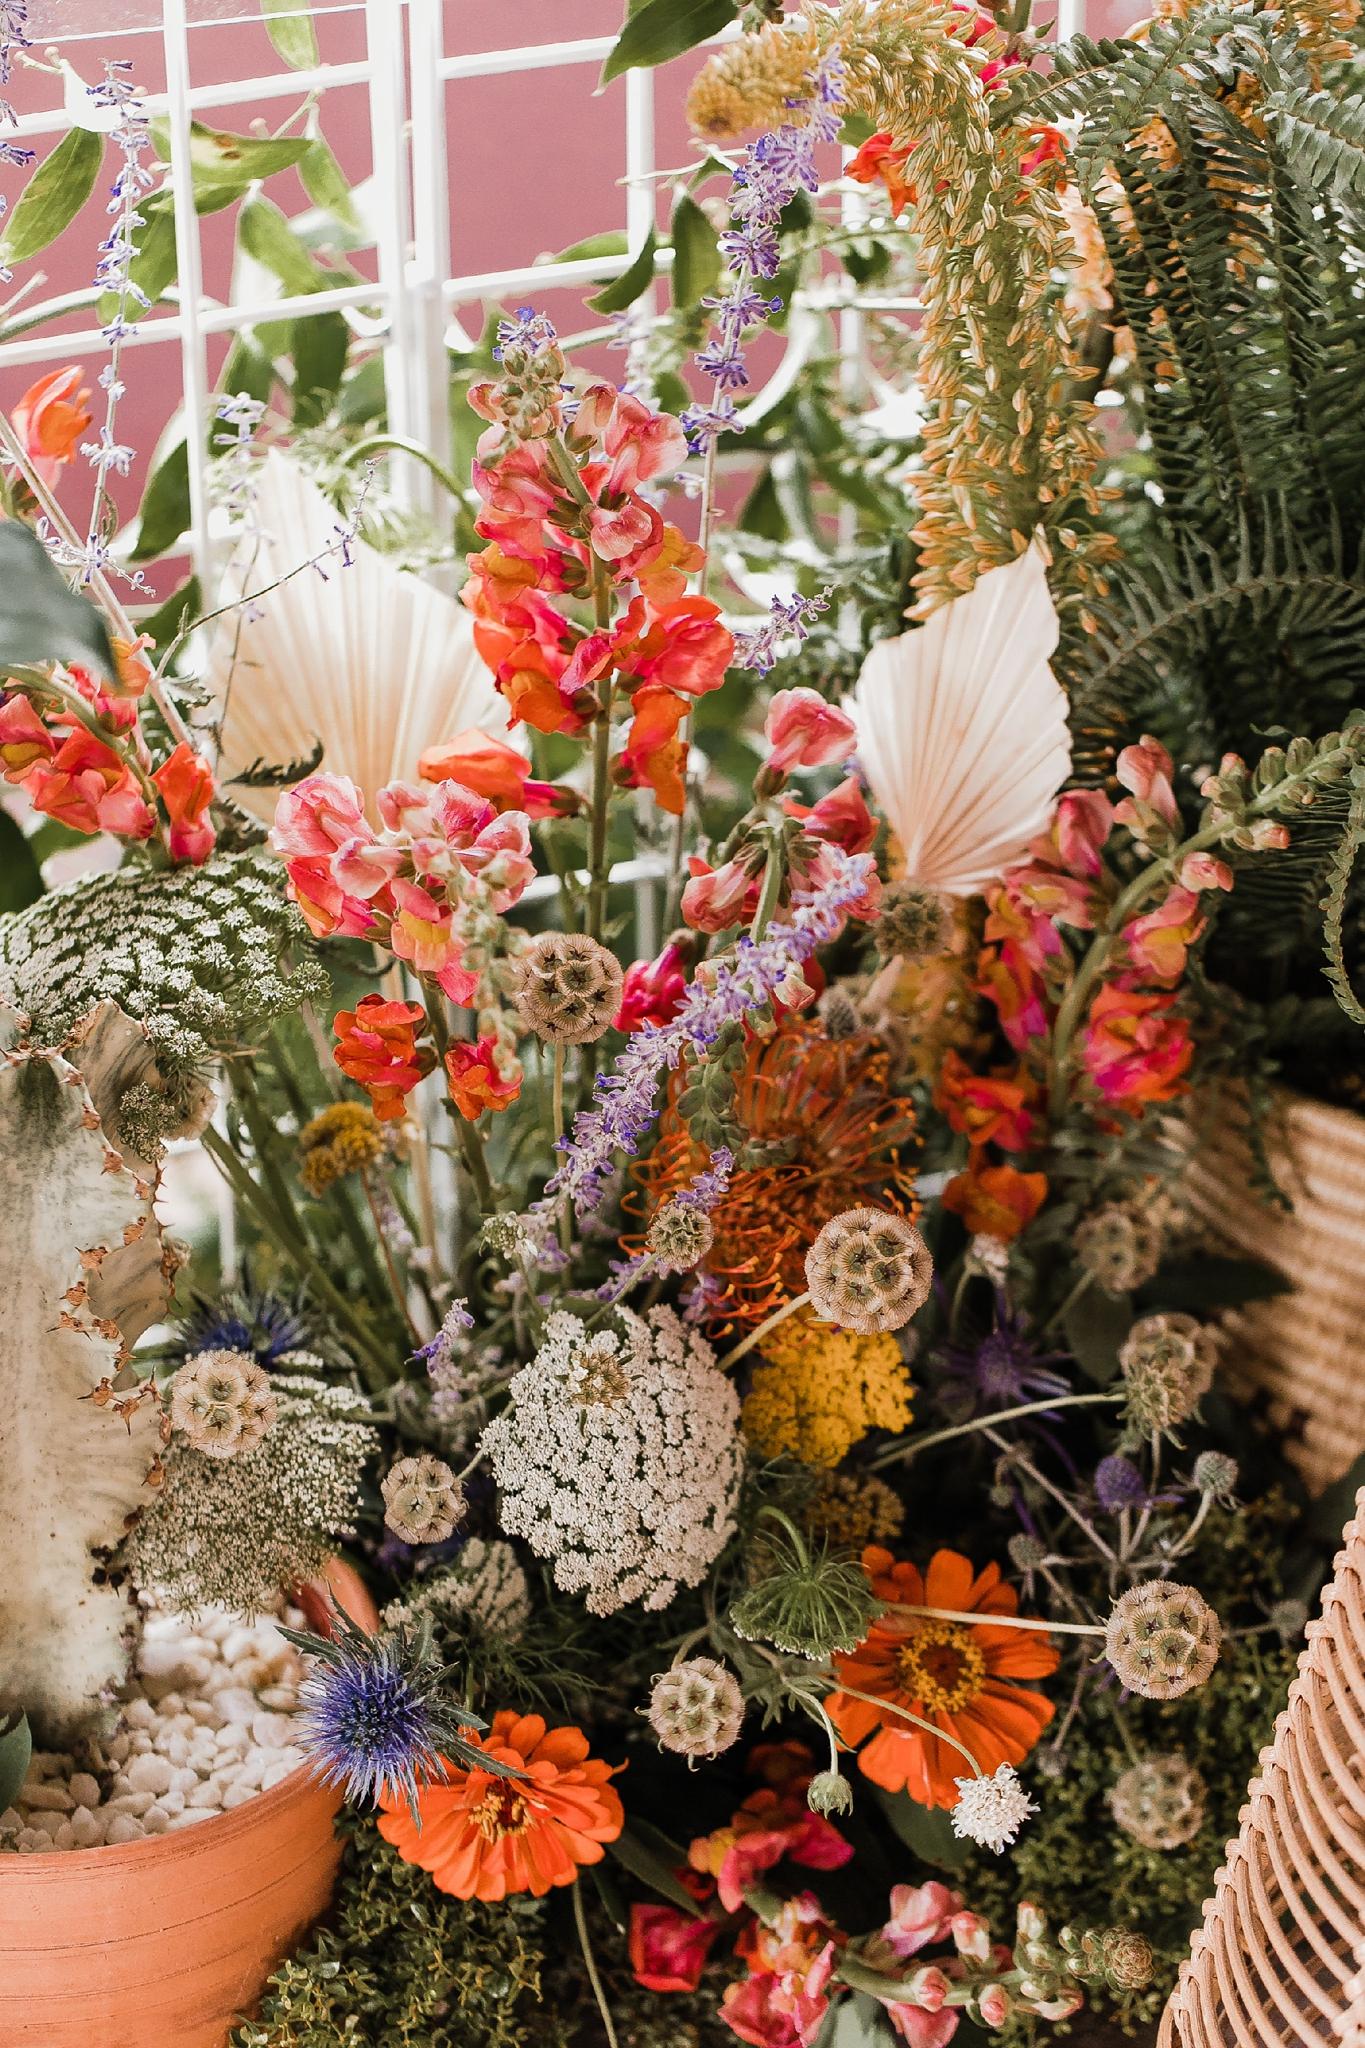 Alicia+lucia+photography+-+albuquerque+wedding+photographer+-+santa+fe+wedding+photography+-+new+mexico+wedding+photographer+-+new+mexico+wedding+-+summer+wedding+-+summer+wedding+florals+-+southwest+wedding_0078.jpg